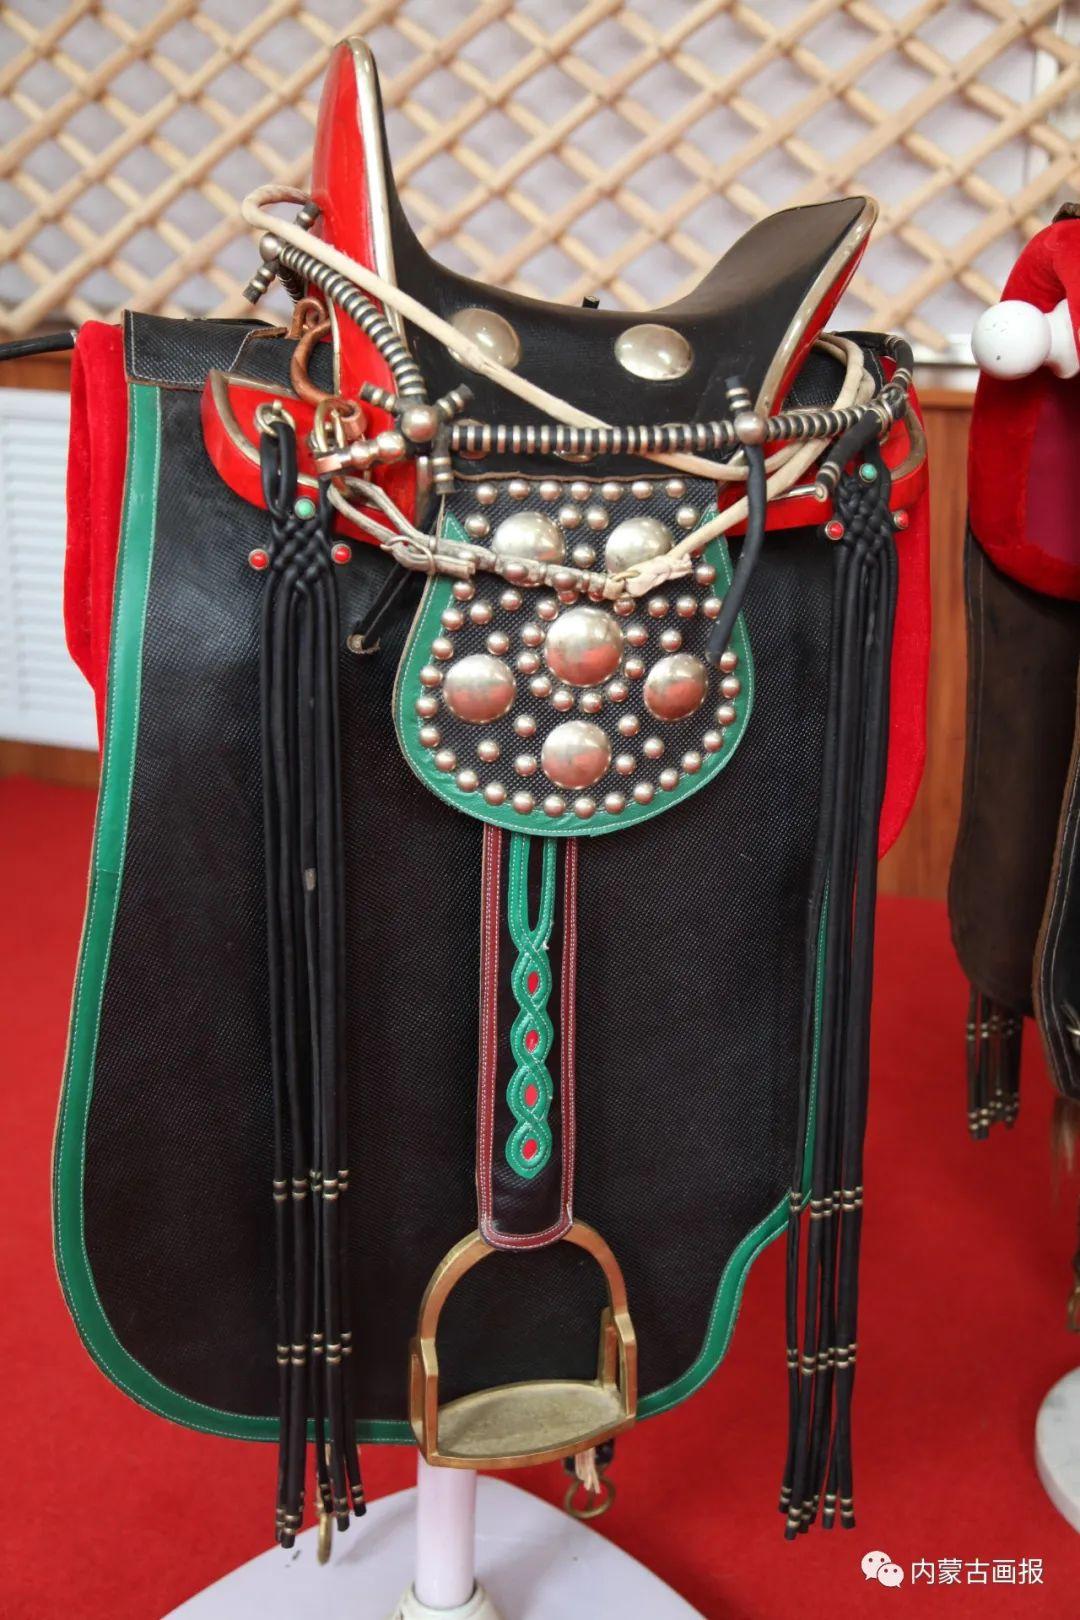 马镫 第9张 马镫 蒙古工艺